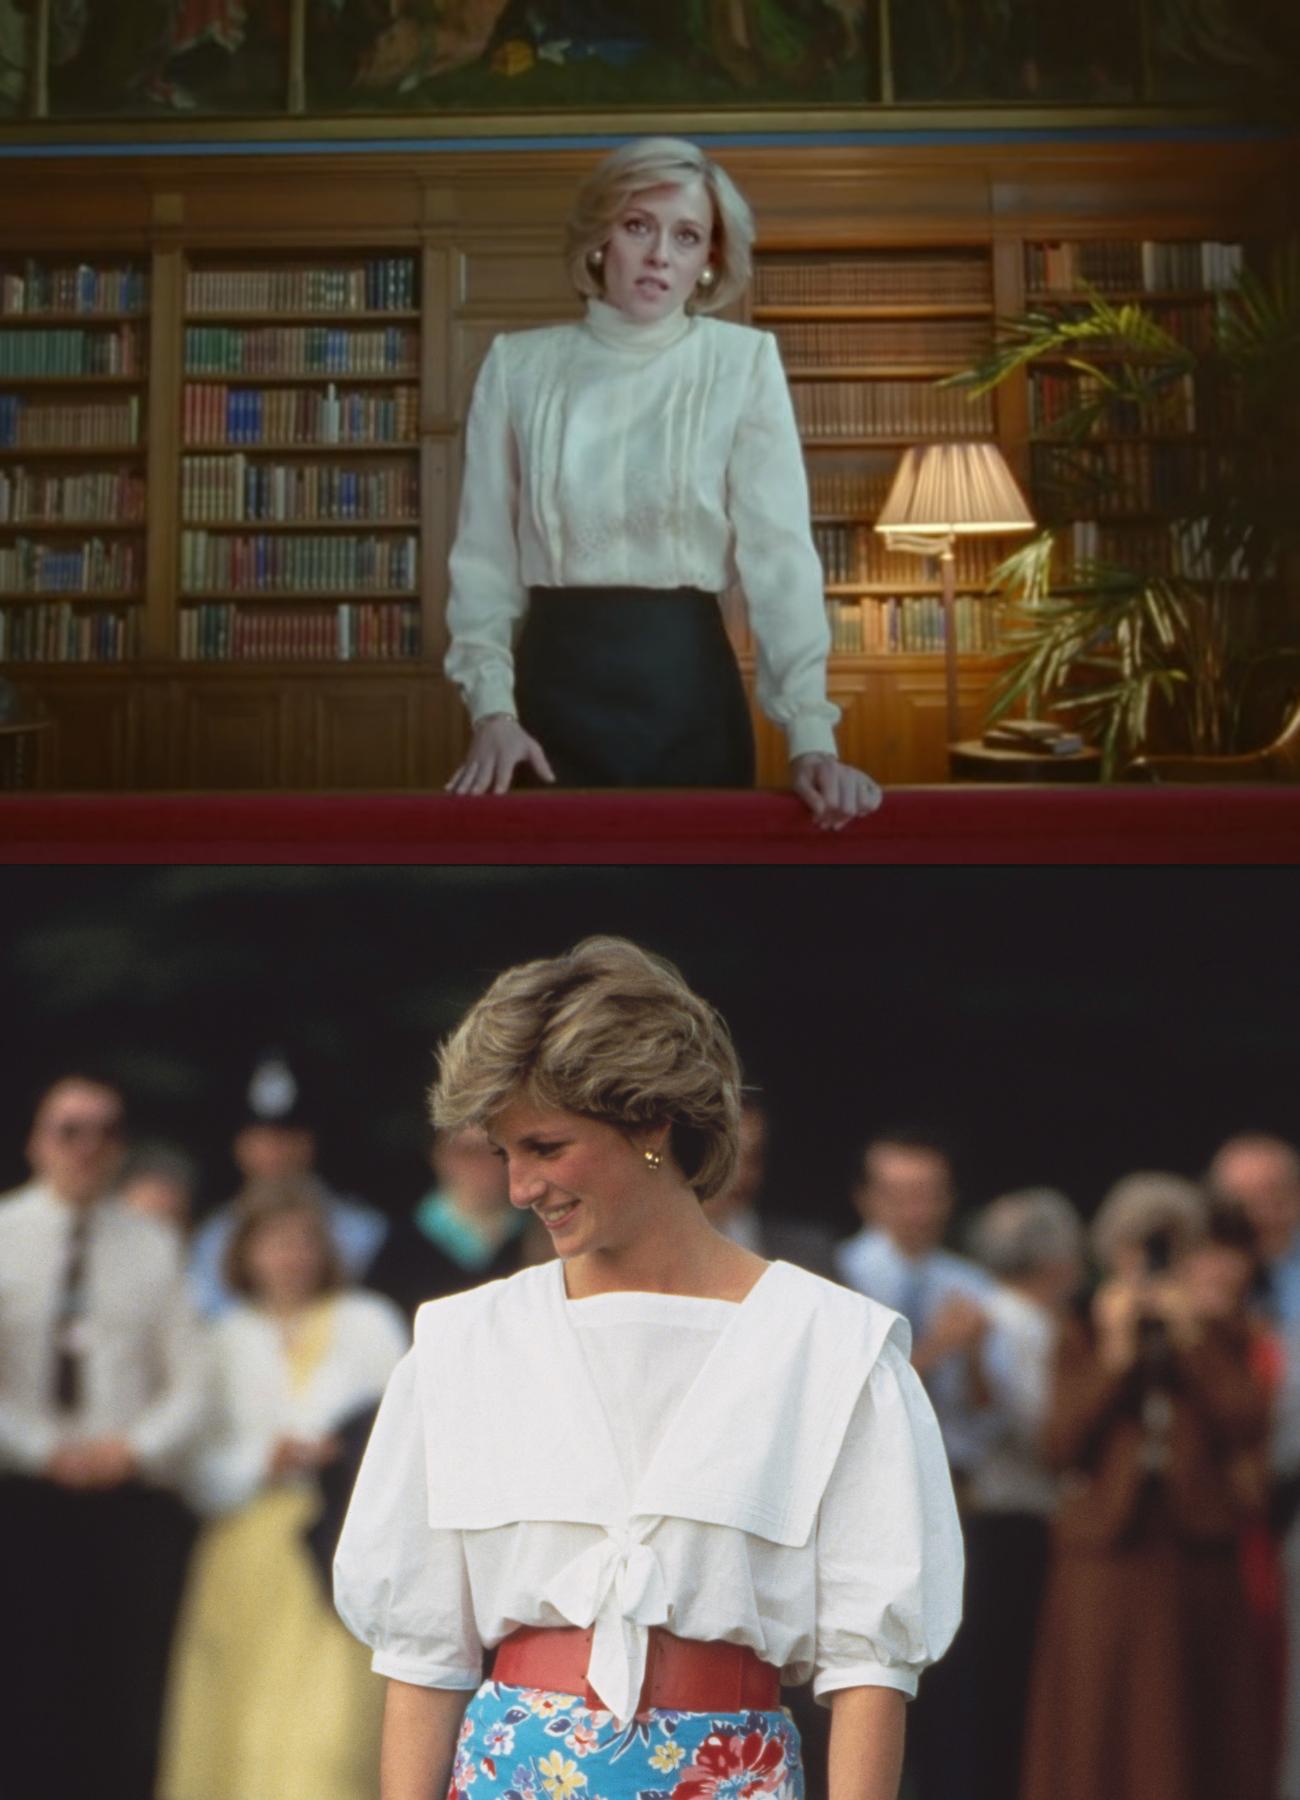 Los looks de diana que inspiran el vestuario de spencer con kristen stewart